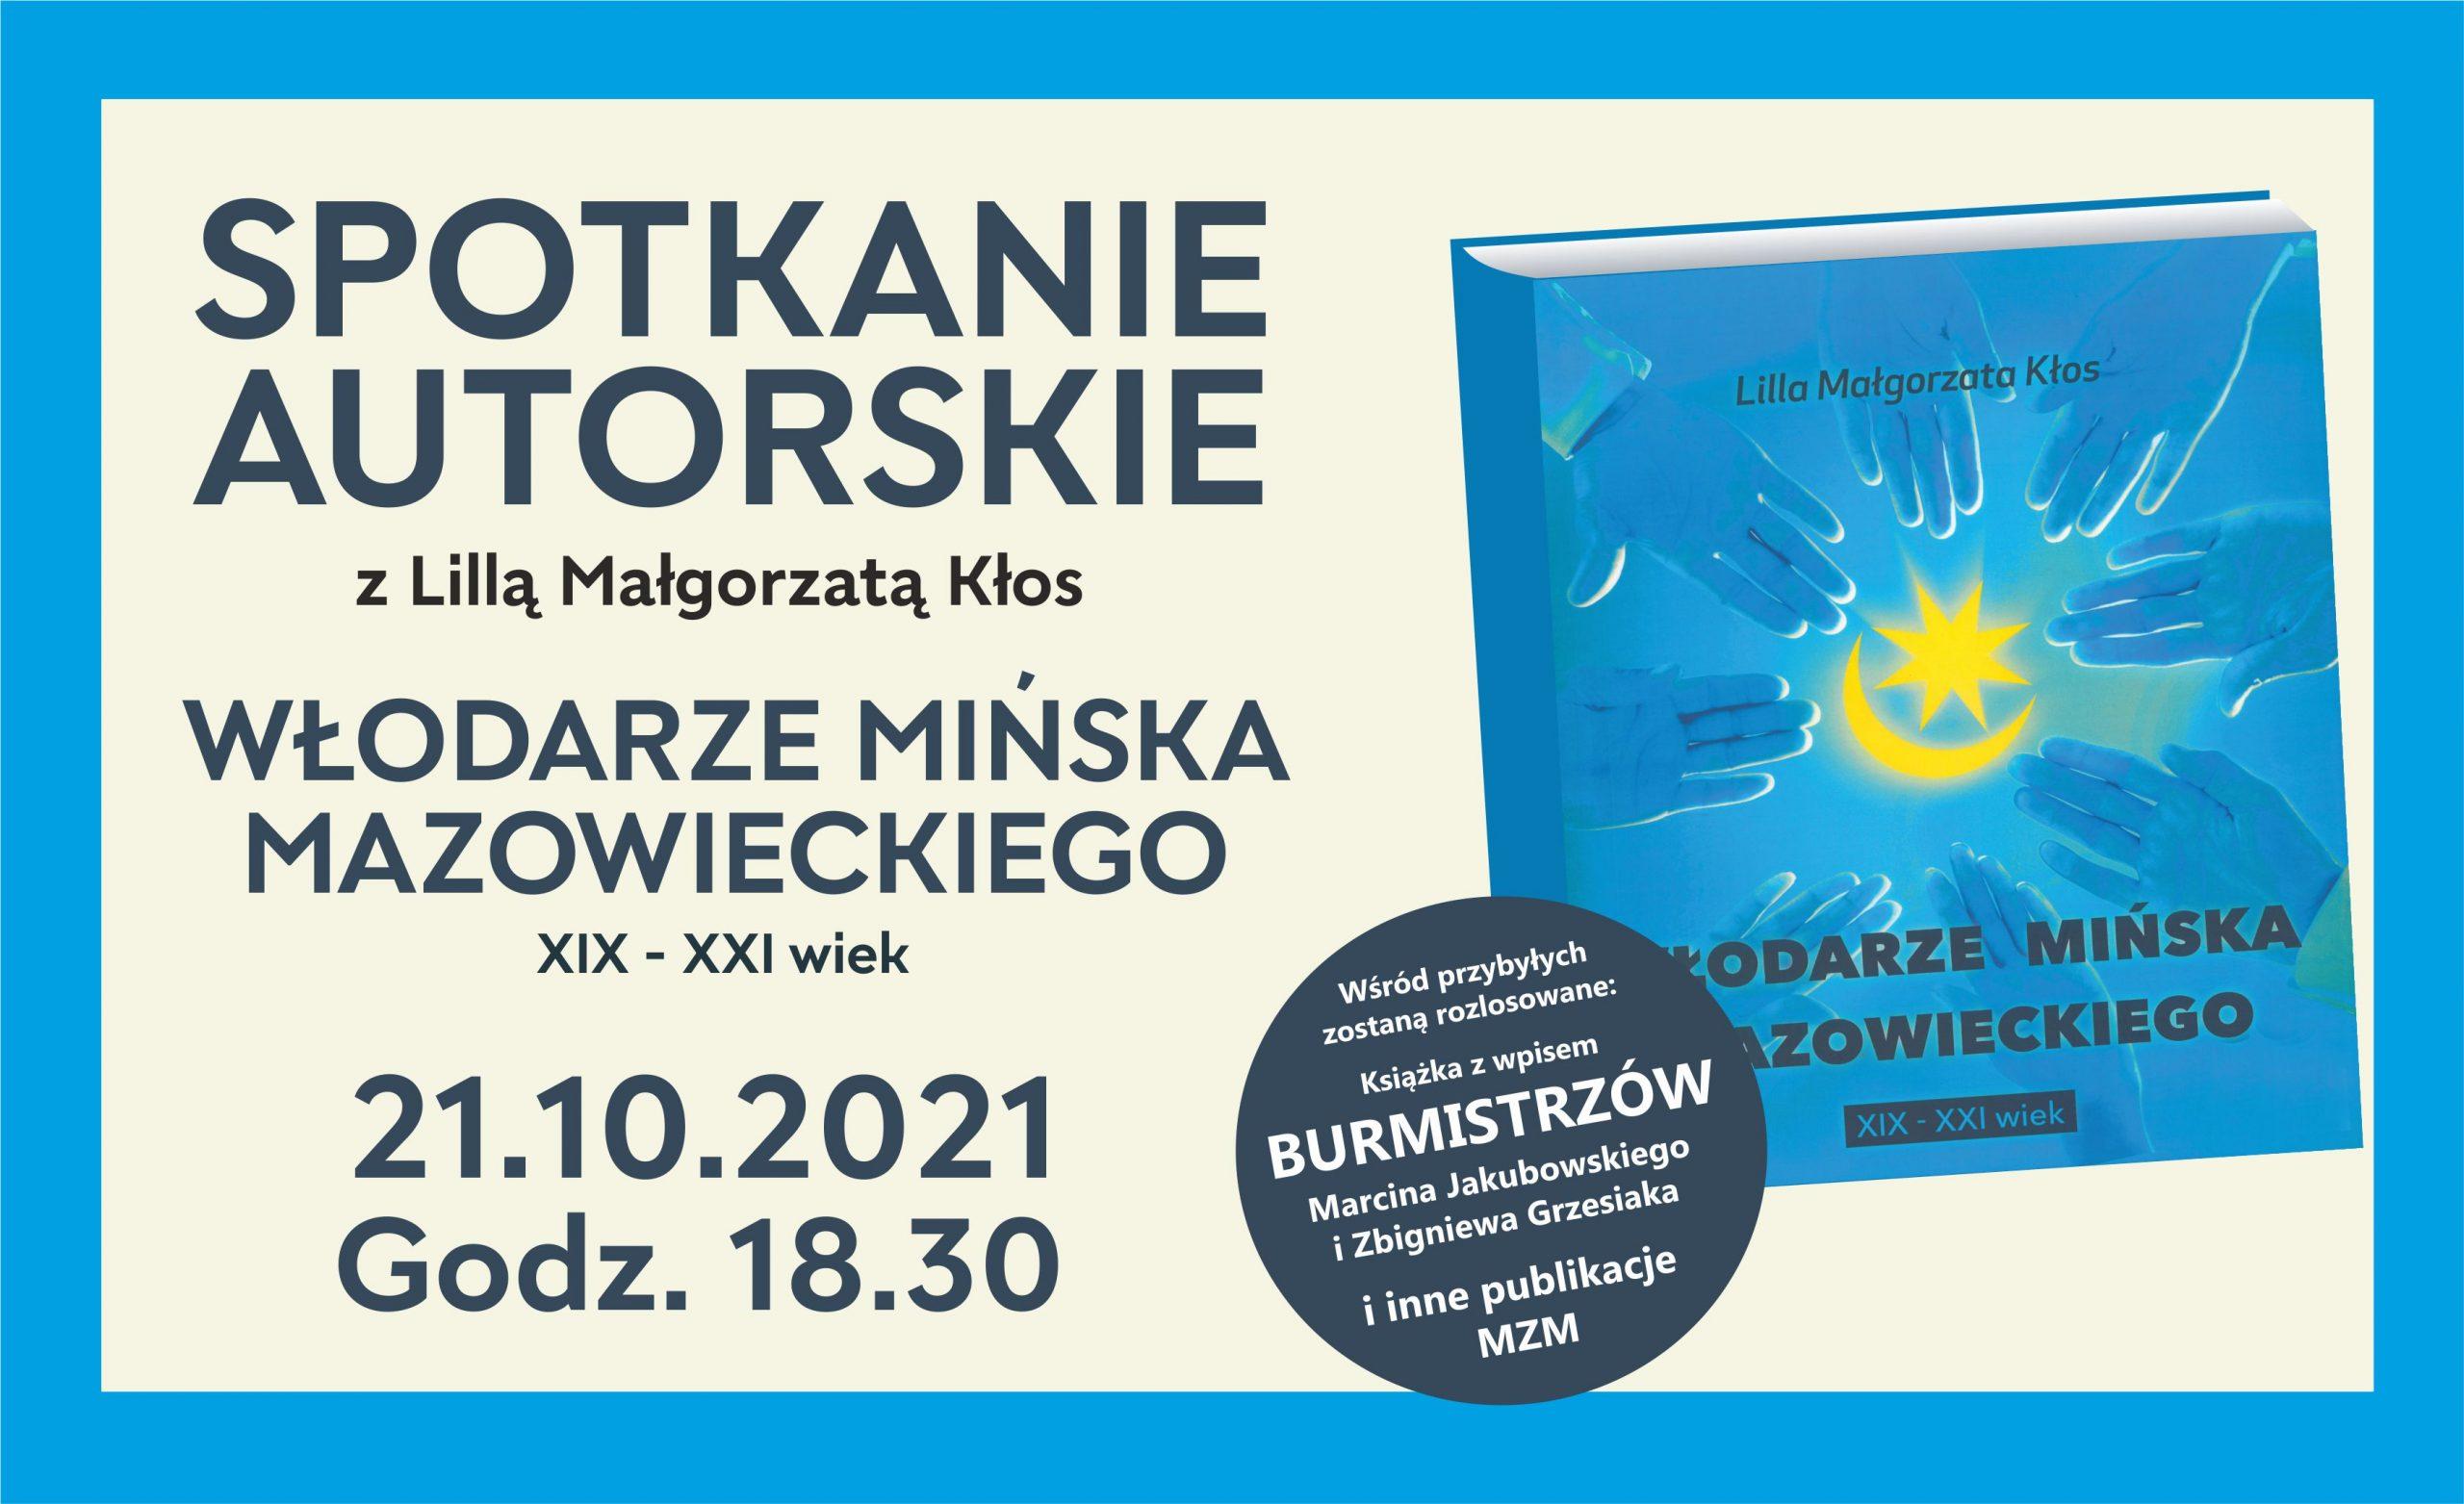 Włodarze Mińska Mazowieckiego spotkanie autorskie